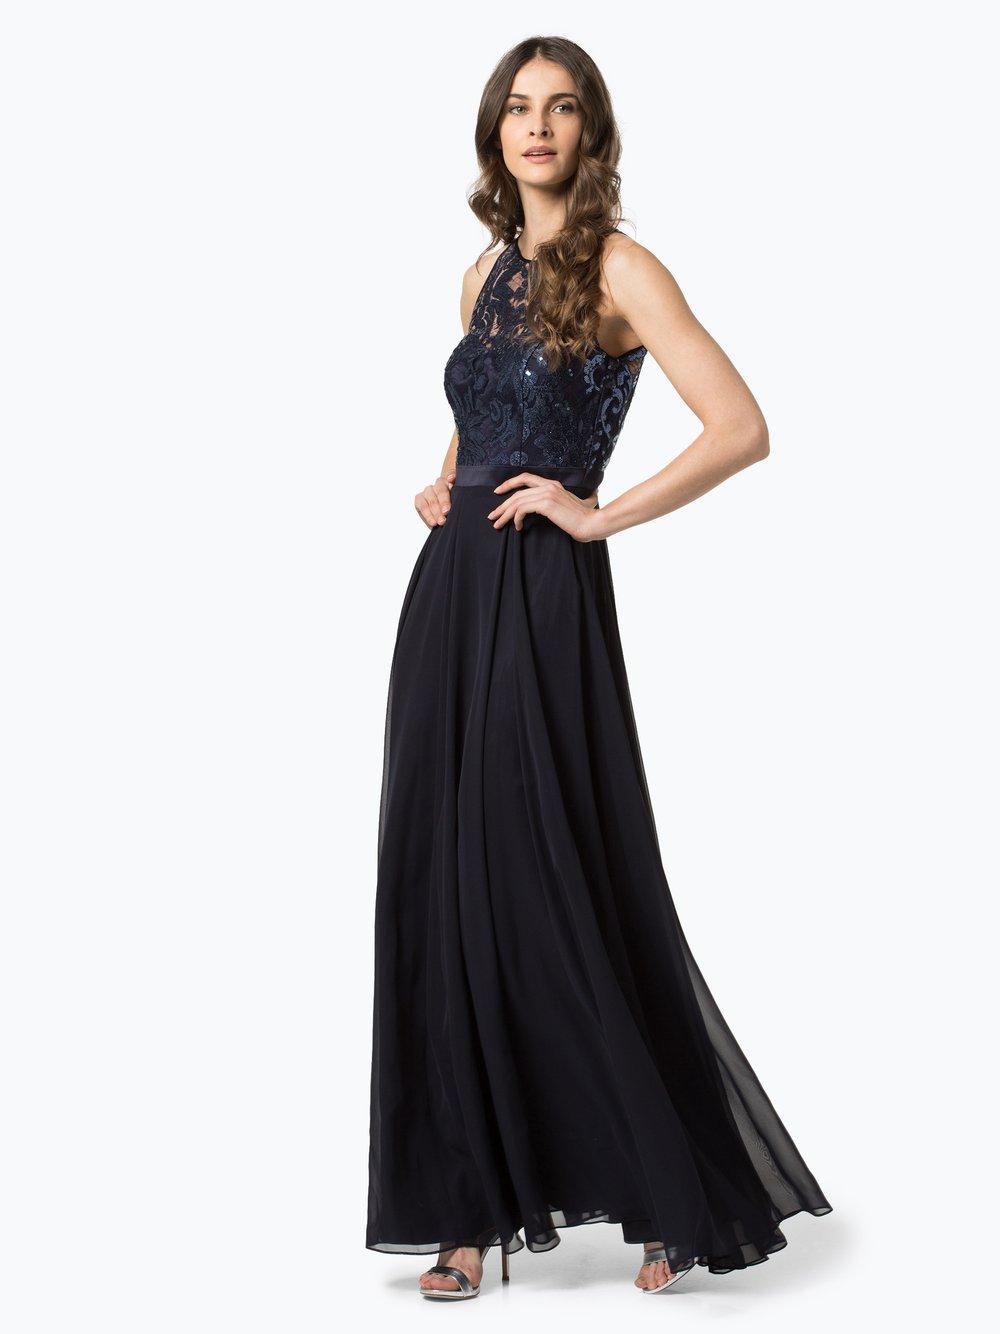 VM – Damska sukienka wieczorowa, niebieski Van Graaf 385784-0002-00360